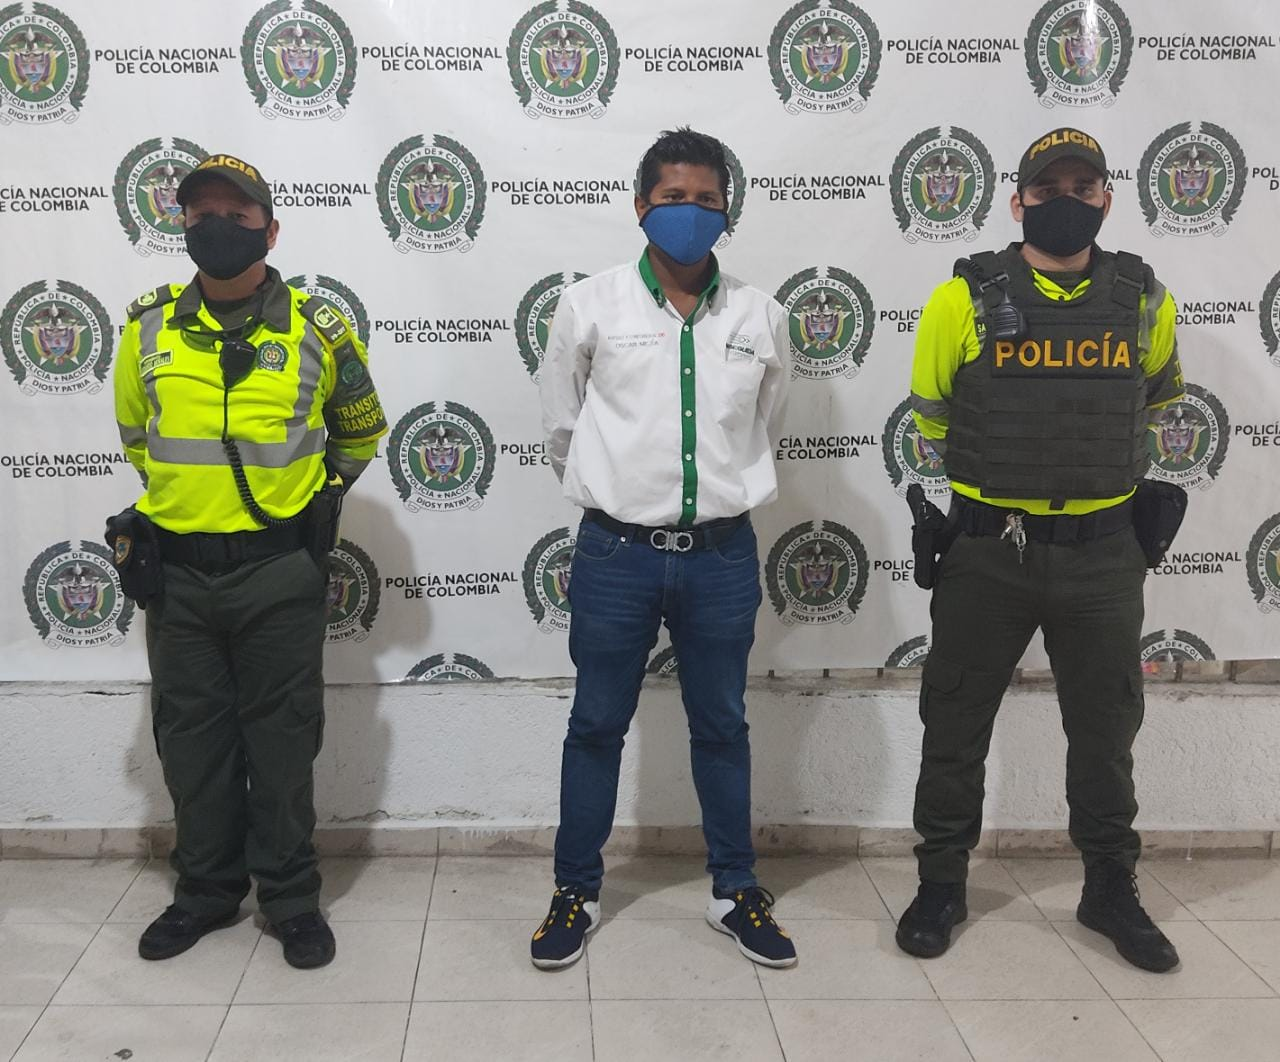 hoyennoticia.com, En Valledupar capturan hombre con circular azul de la Interpol